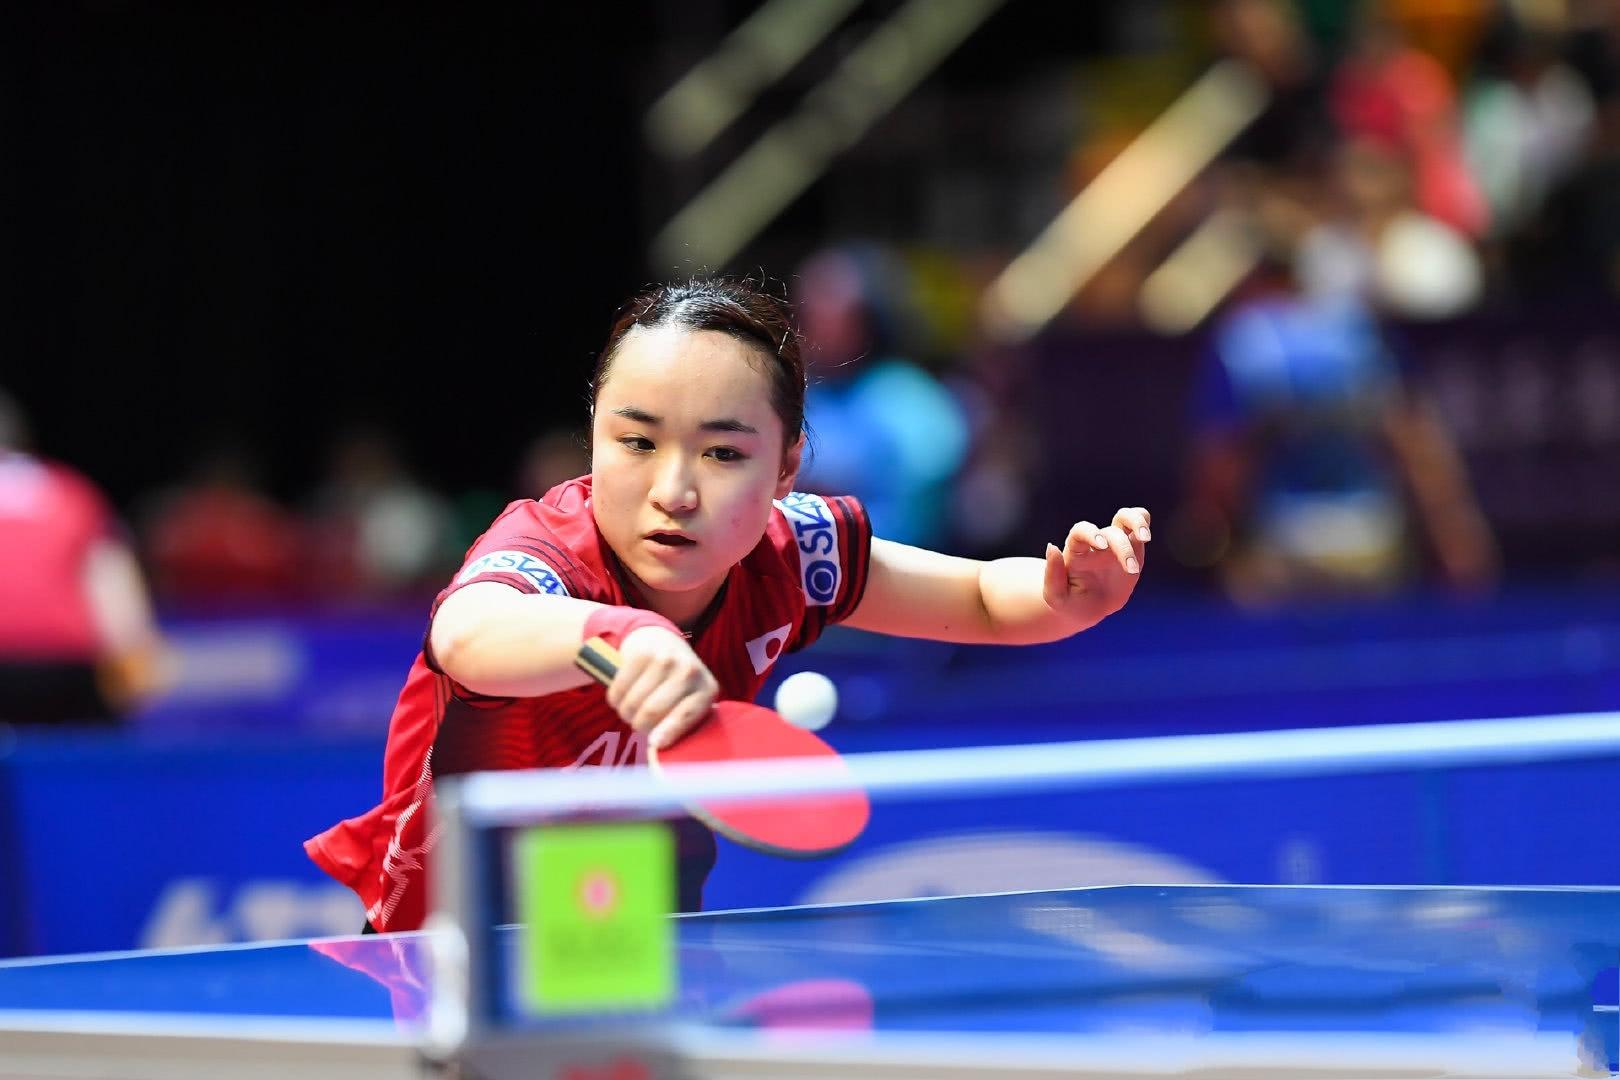 许昕重回世界第一,国乒连收2个坏消息,伊藤扩展领先刘诗雯优势